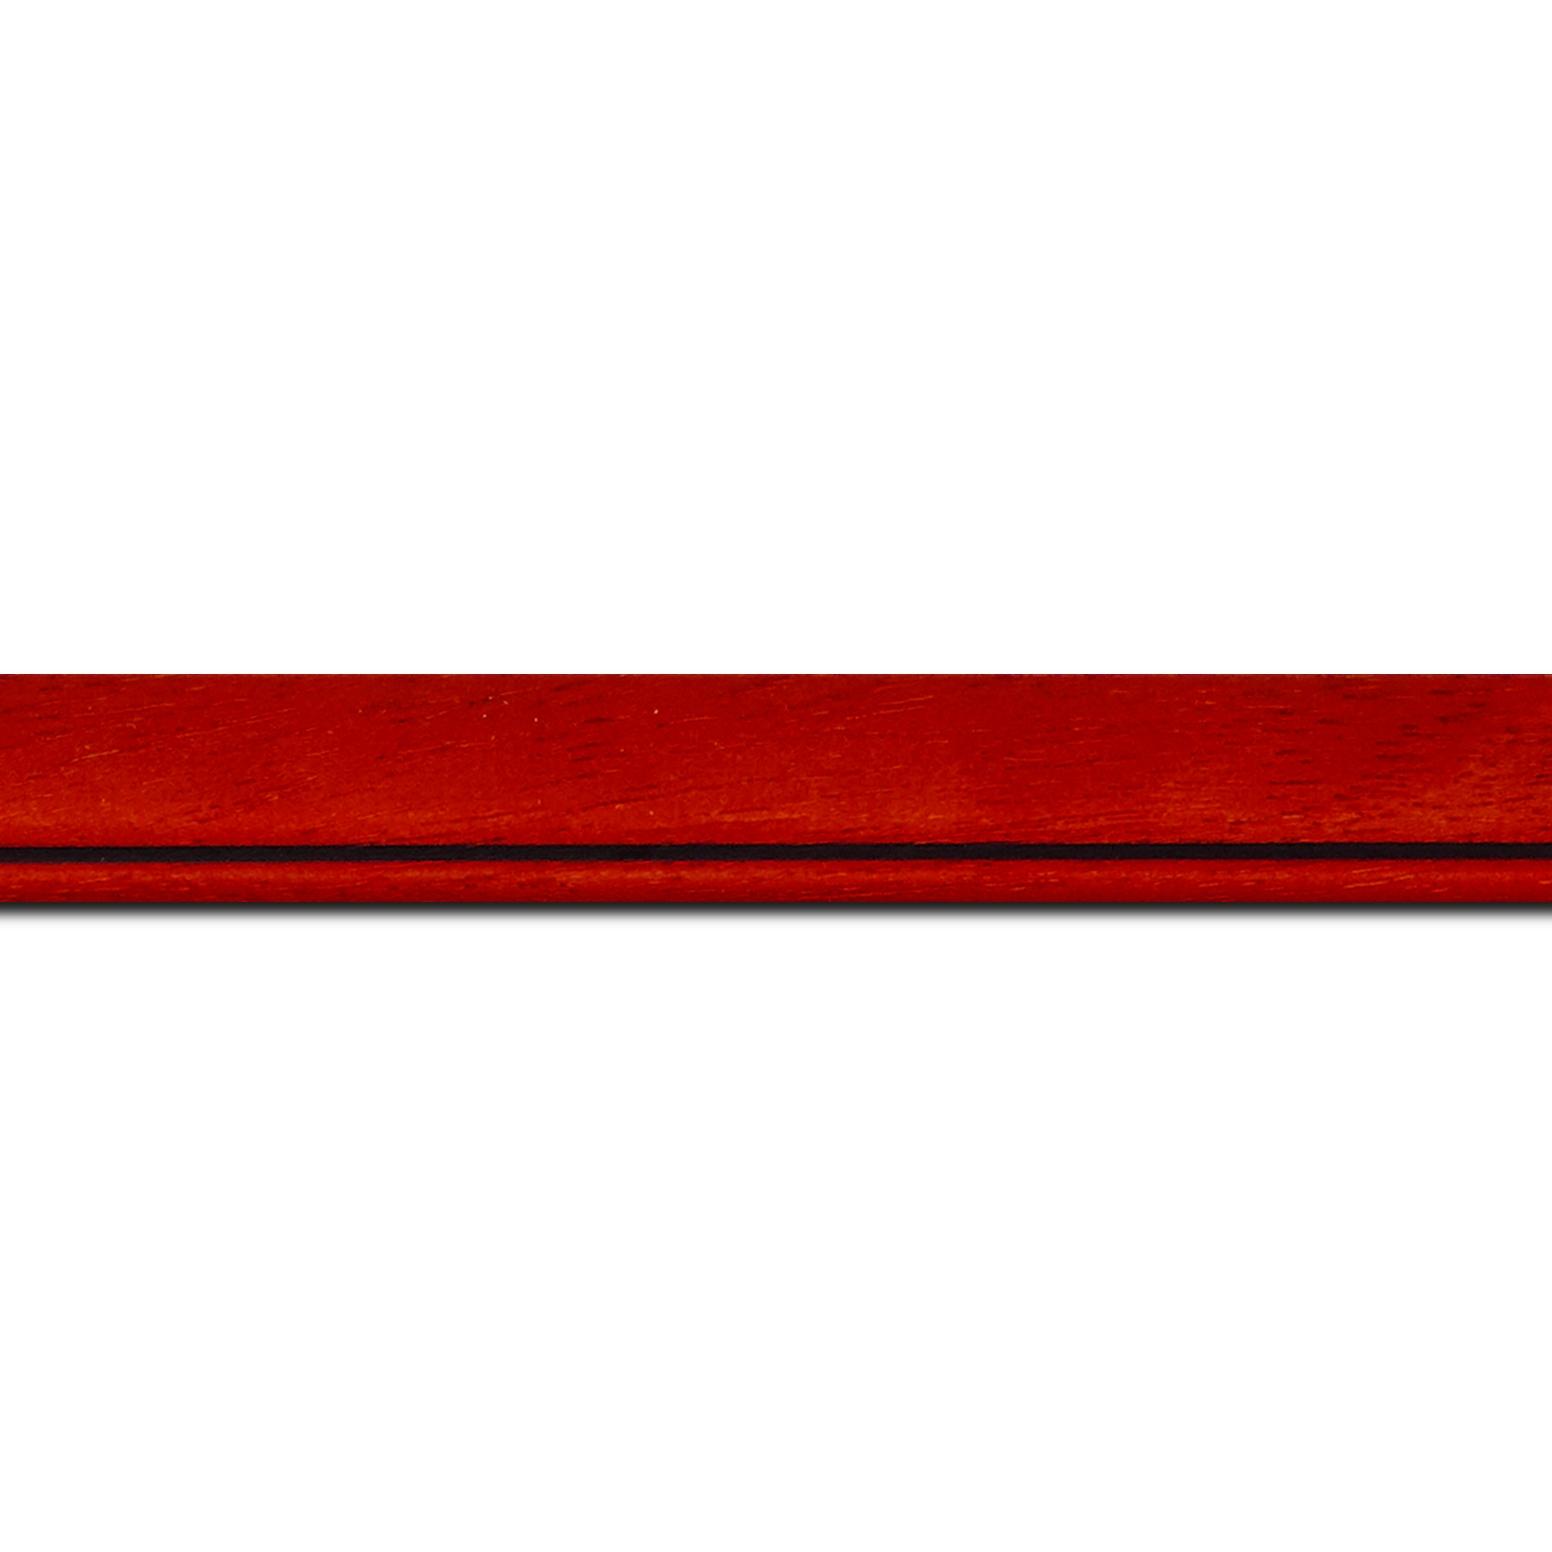 Pack par 12m, bois profil bombé largeur 2.4cm couleur rouge cerise satiné filet noir(longueur baguette pouvant varier entre 2.40m et 3m selon arrivage des bois)